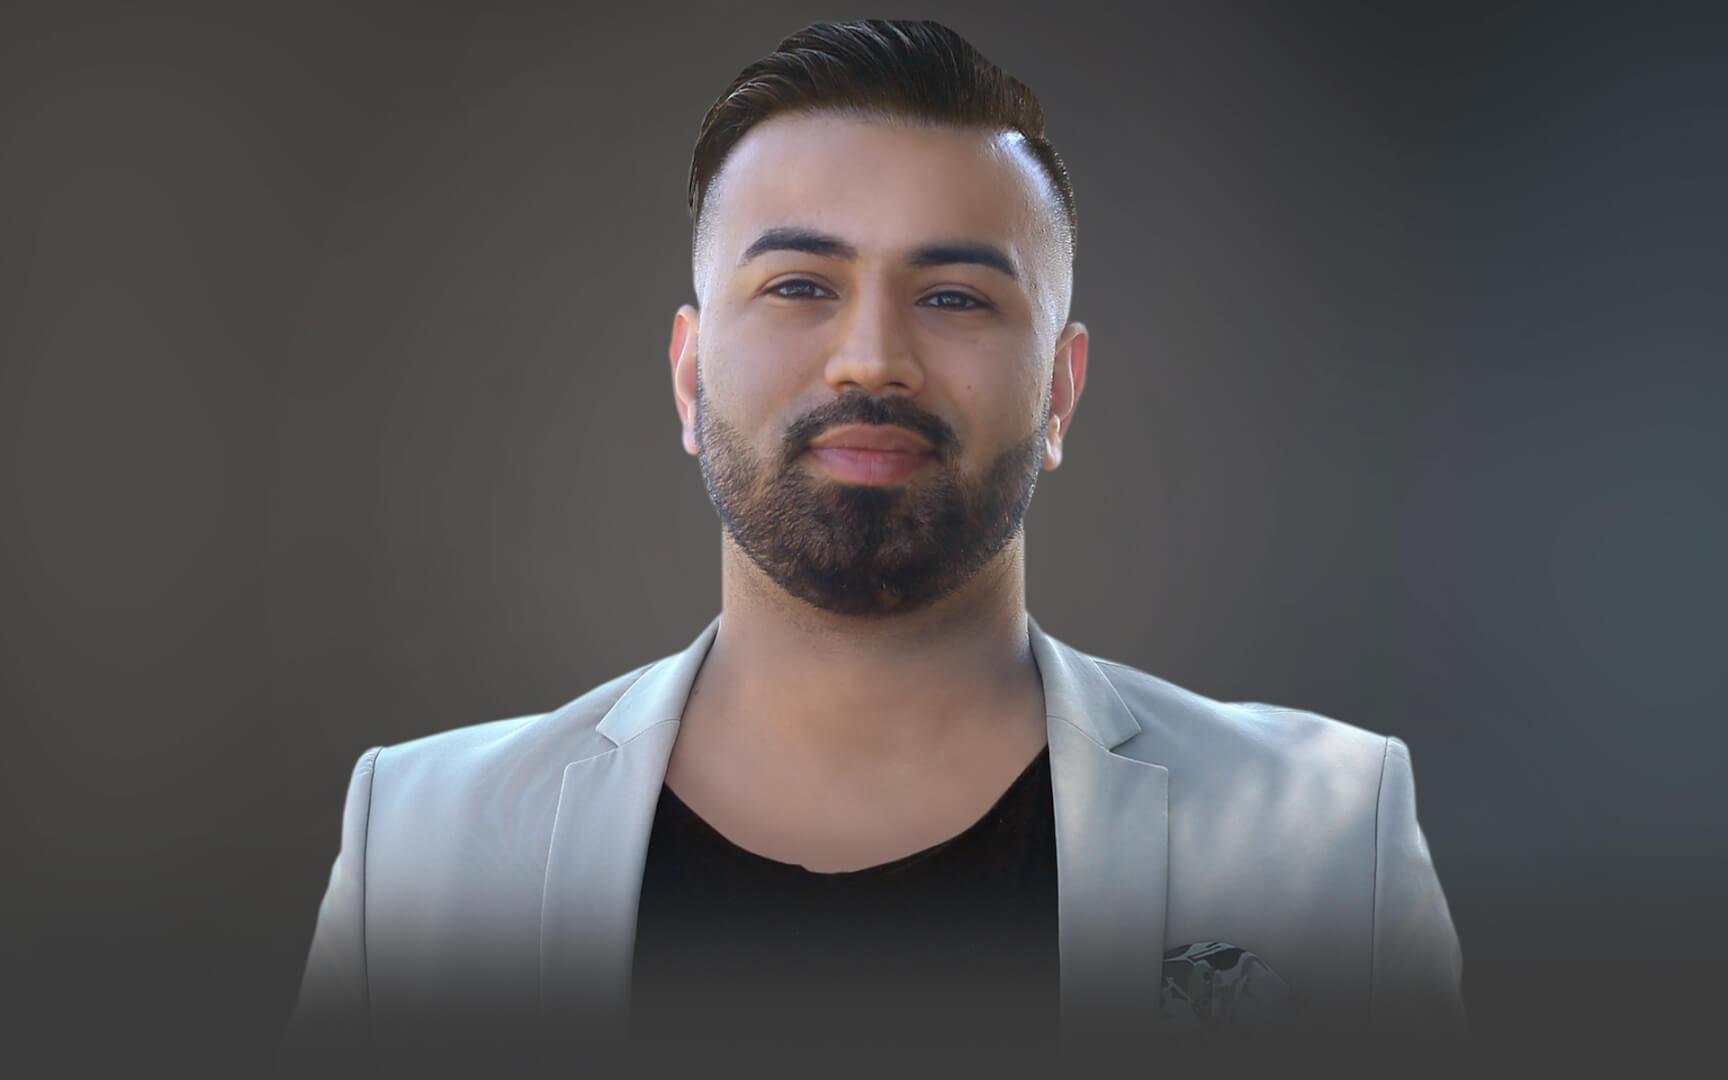 Hamid Ghafoorie